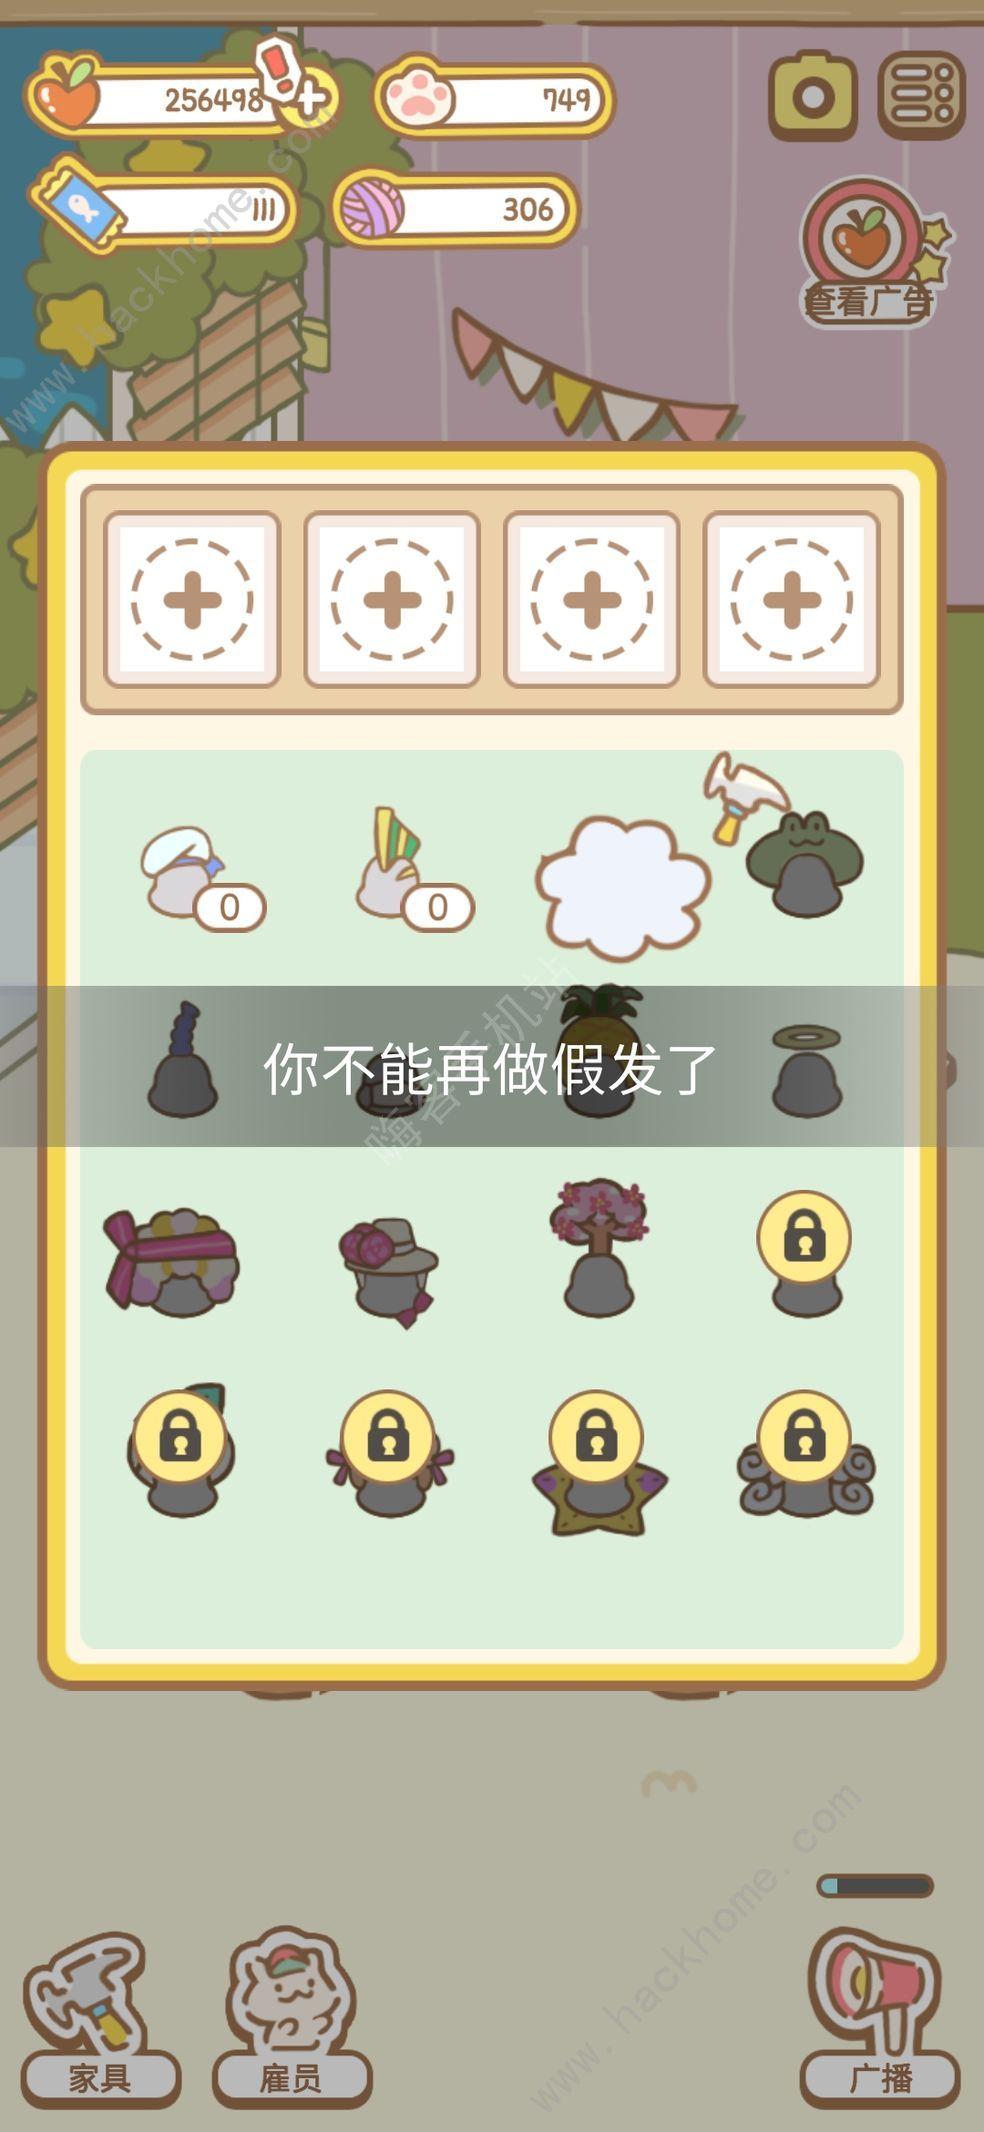 猫猫水疗馆店铺评级怎么提升 店铺等级提升技巧[多图]图片2